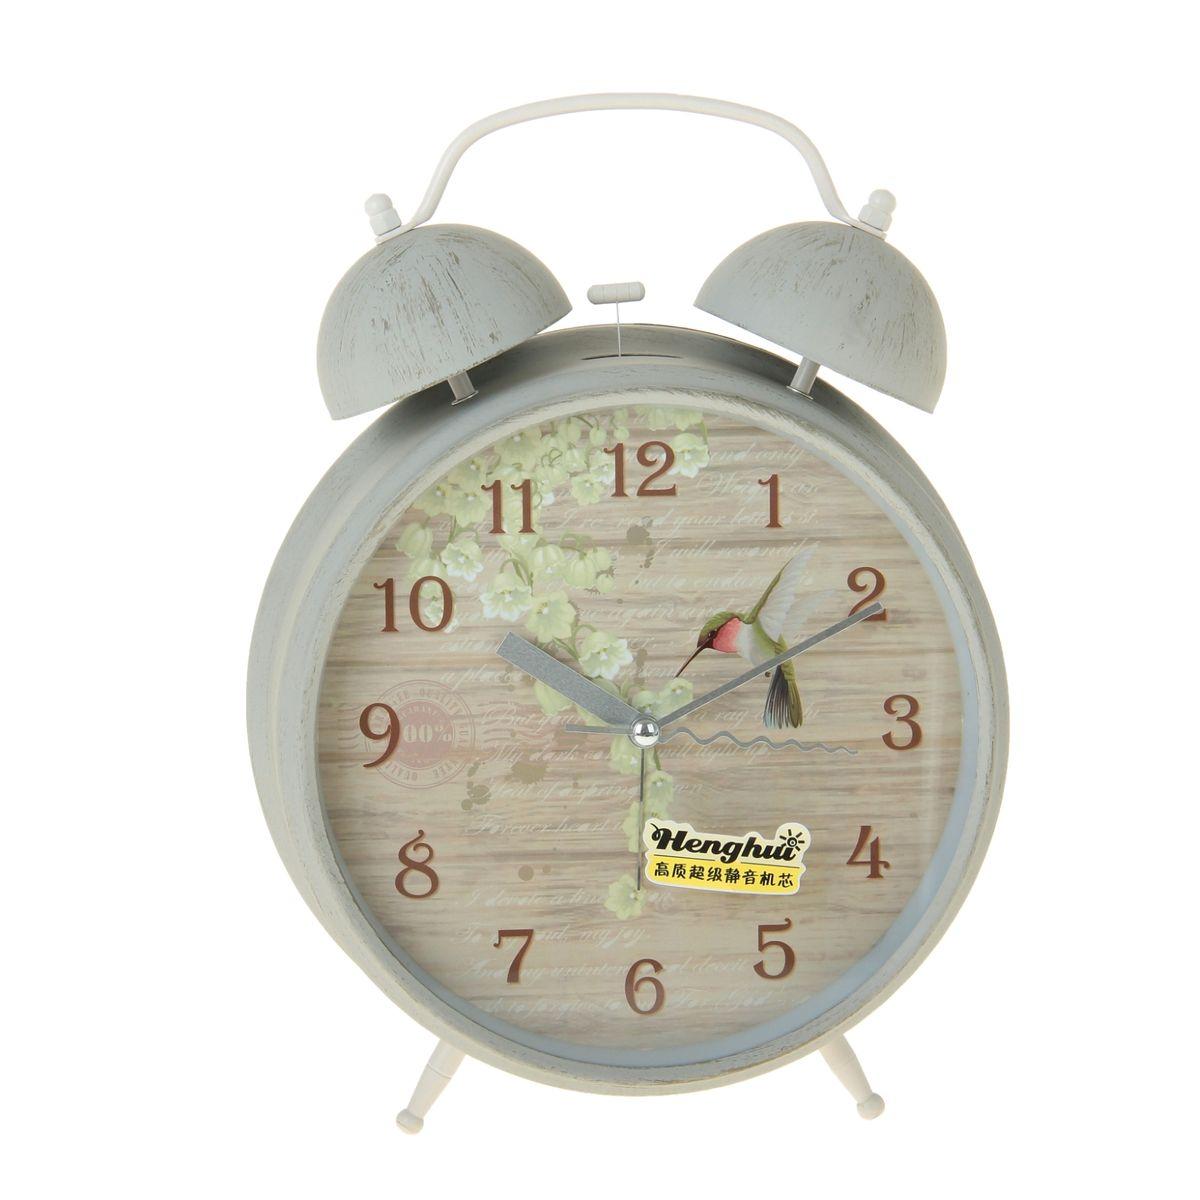 Часы-будильник Sima-land Птичка с цветами, диаметр 20 см906626Часы-будильник Sima-land Птичка с цветами - это невероятных размеров устройство, созданное специально для тех, кто с трудом просыпается по утрам!Изделие обладает ярким интересным дизайном восточного стиля. Такой будильник станет изюминкой вашего интерьера.Будильник работает от 1 батарейки типа С 1,5 В (в комплект не входит). На задней панели будильника расположены переключатель включения/выключения механизма, два поворотных рычага для настройки текущего времени и установки будильника, а также кнопка для включения подсветки циферблата.Диаметр циферблата: 20 см.